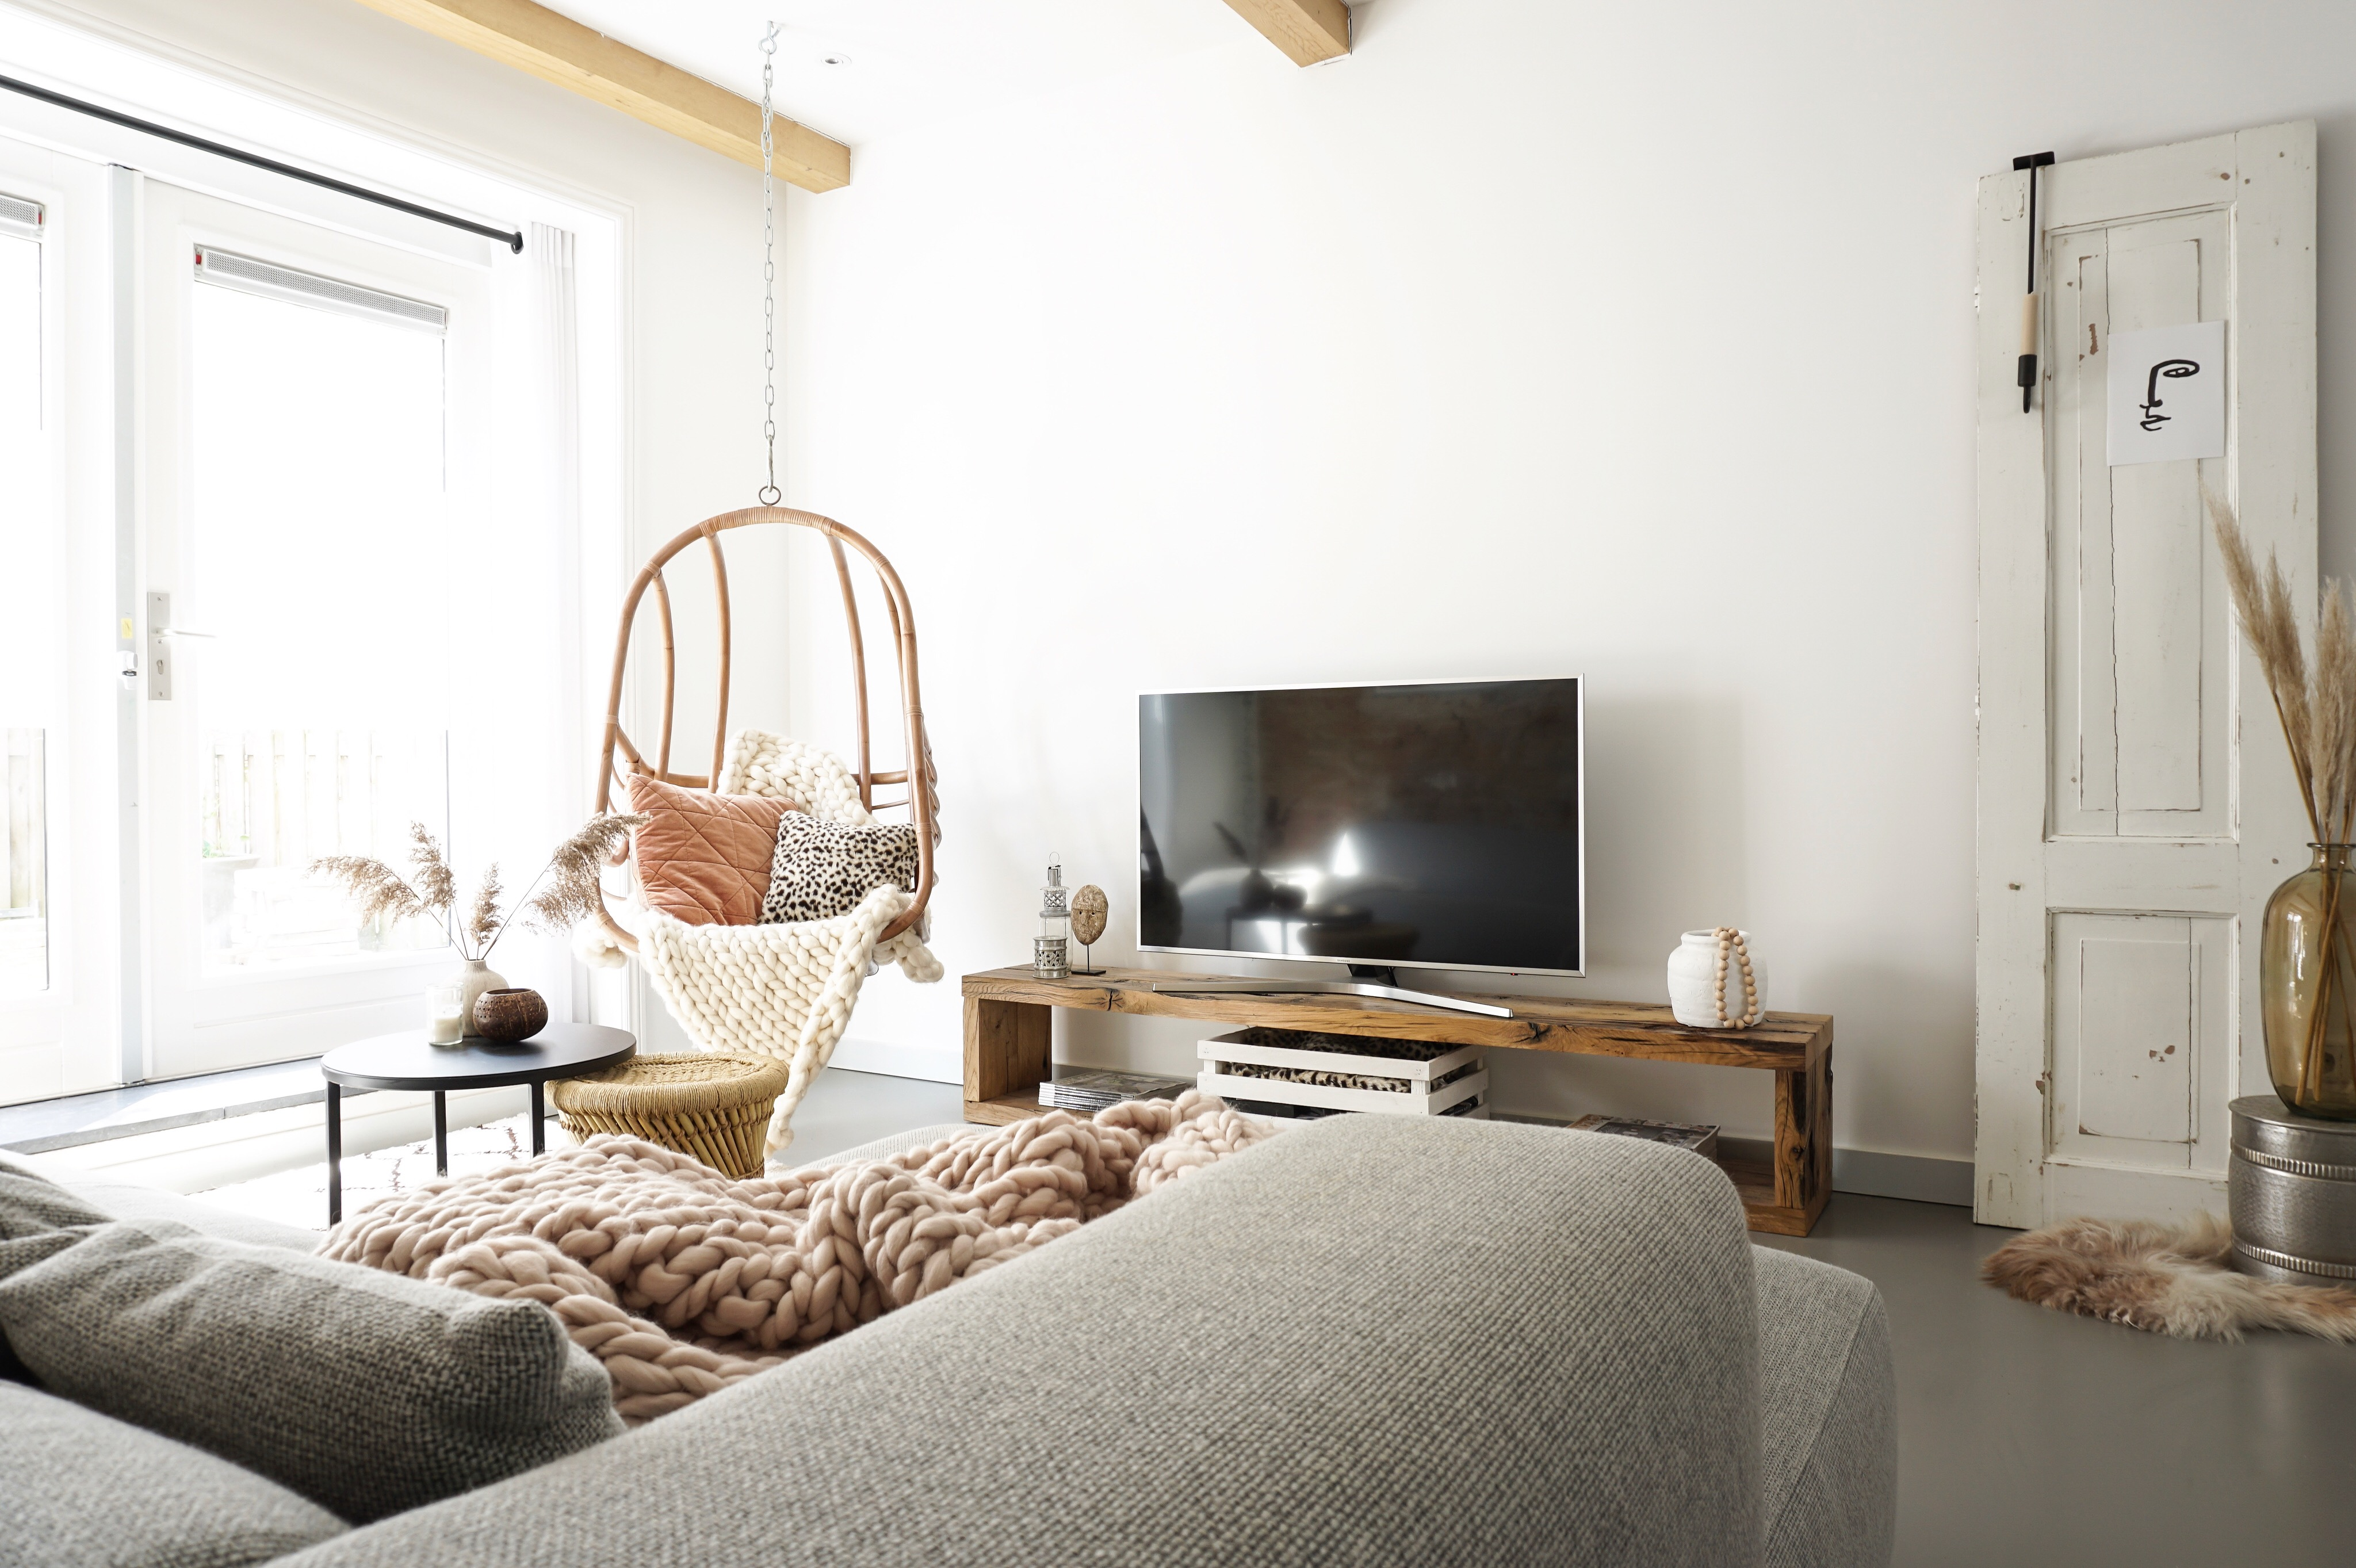 woonkamer met zachte kleuren